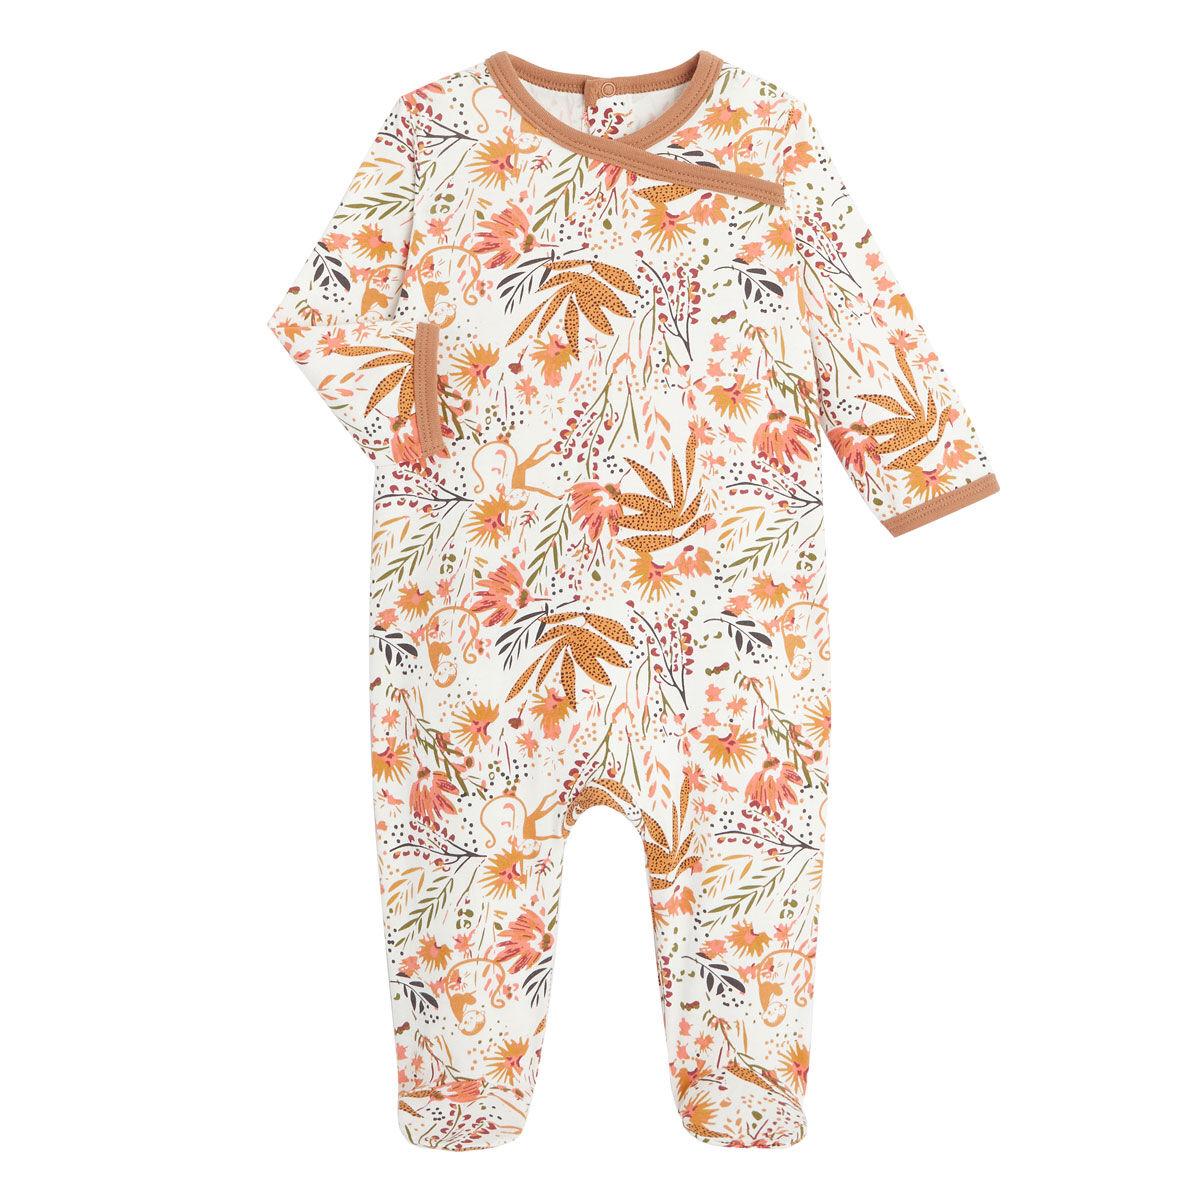 Petit Béguin Pyjama bébé contenant du coton bio Copa Banana - Taille - 6 mois